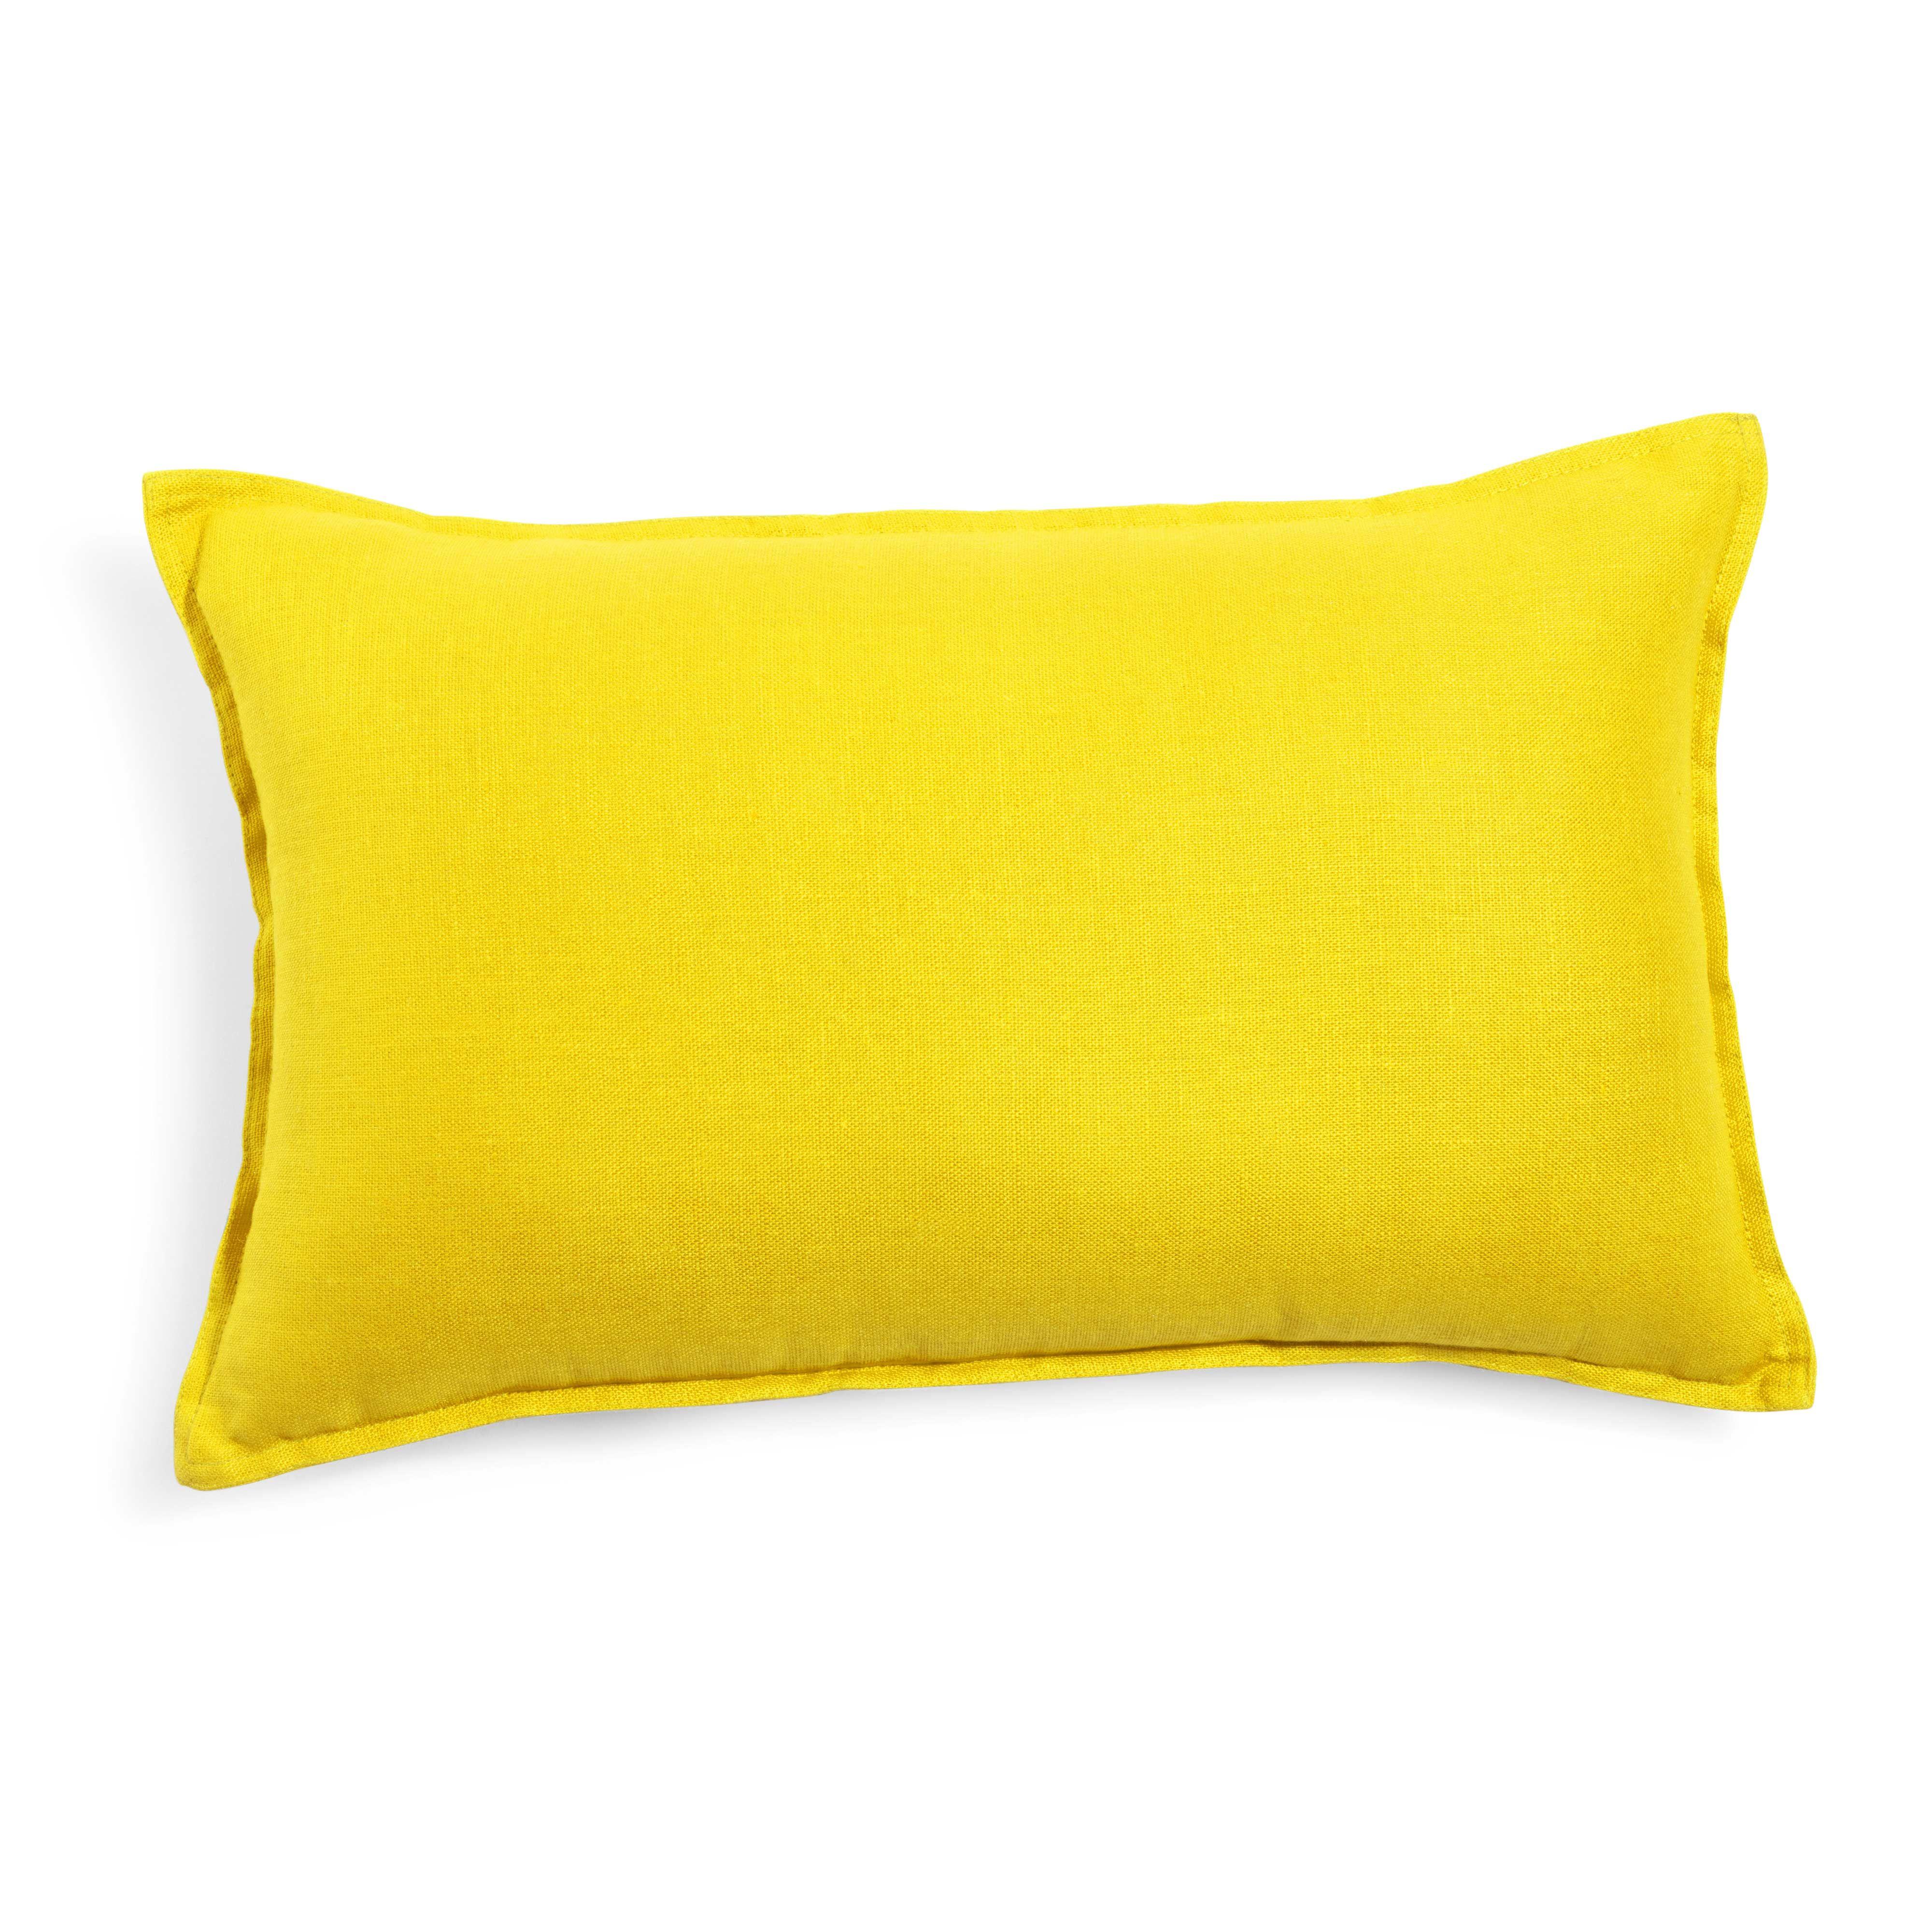 coussin en lin lav jaune 30 x 50 cm maisons du monde. Black Bedroom Furniture Sets. Home Design Ideas